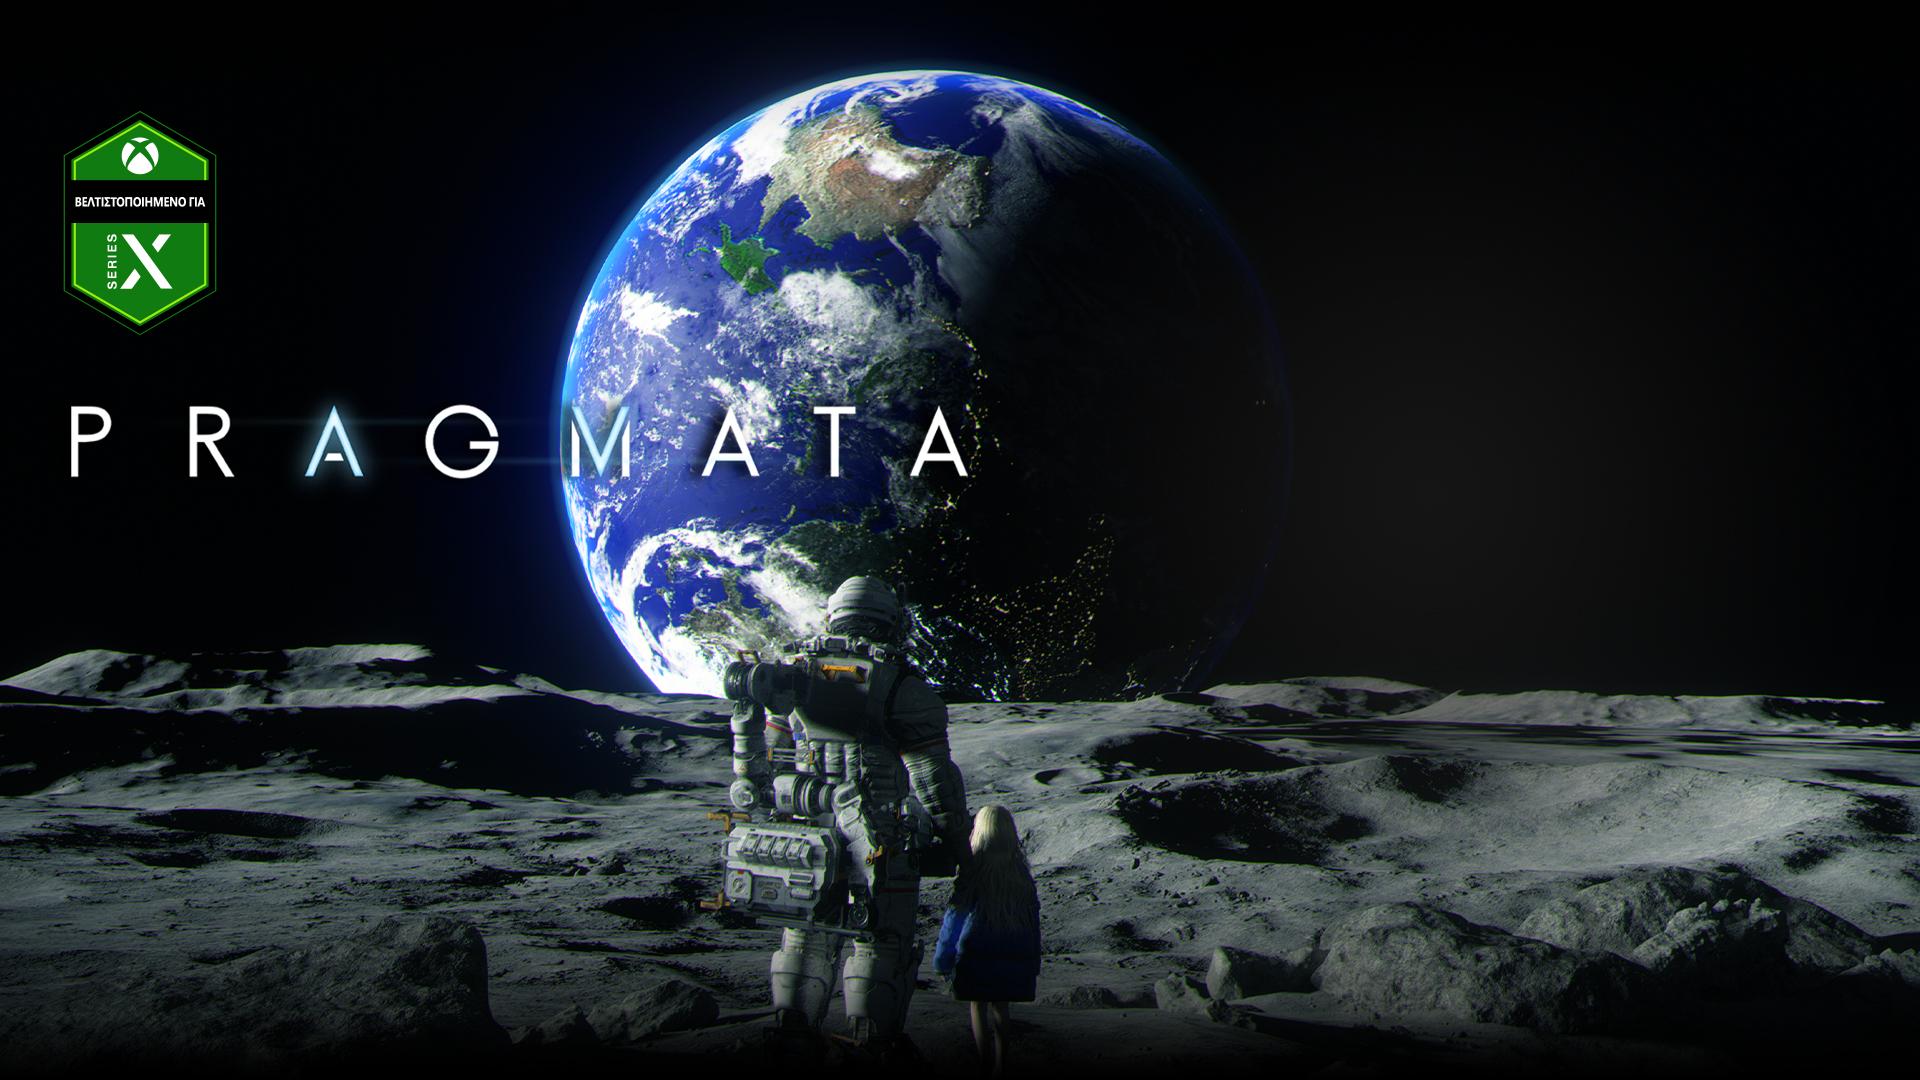 Λογότυπο Βελτιστοποιημένο για Xbox Series X, Pragmata. Ένας αστροναύτης και ένα νεαρό κορίτσι κοιτάζουν τη Γη ενώ στέκονται μαζί στο φεγγάρι